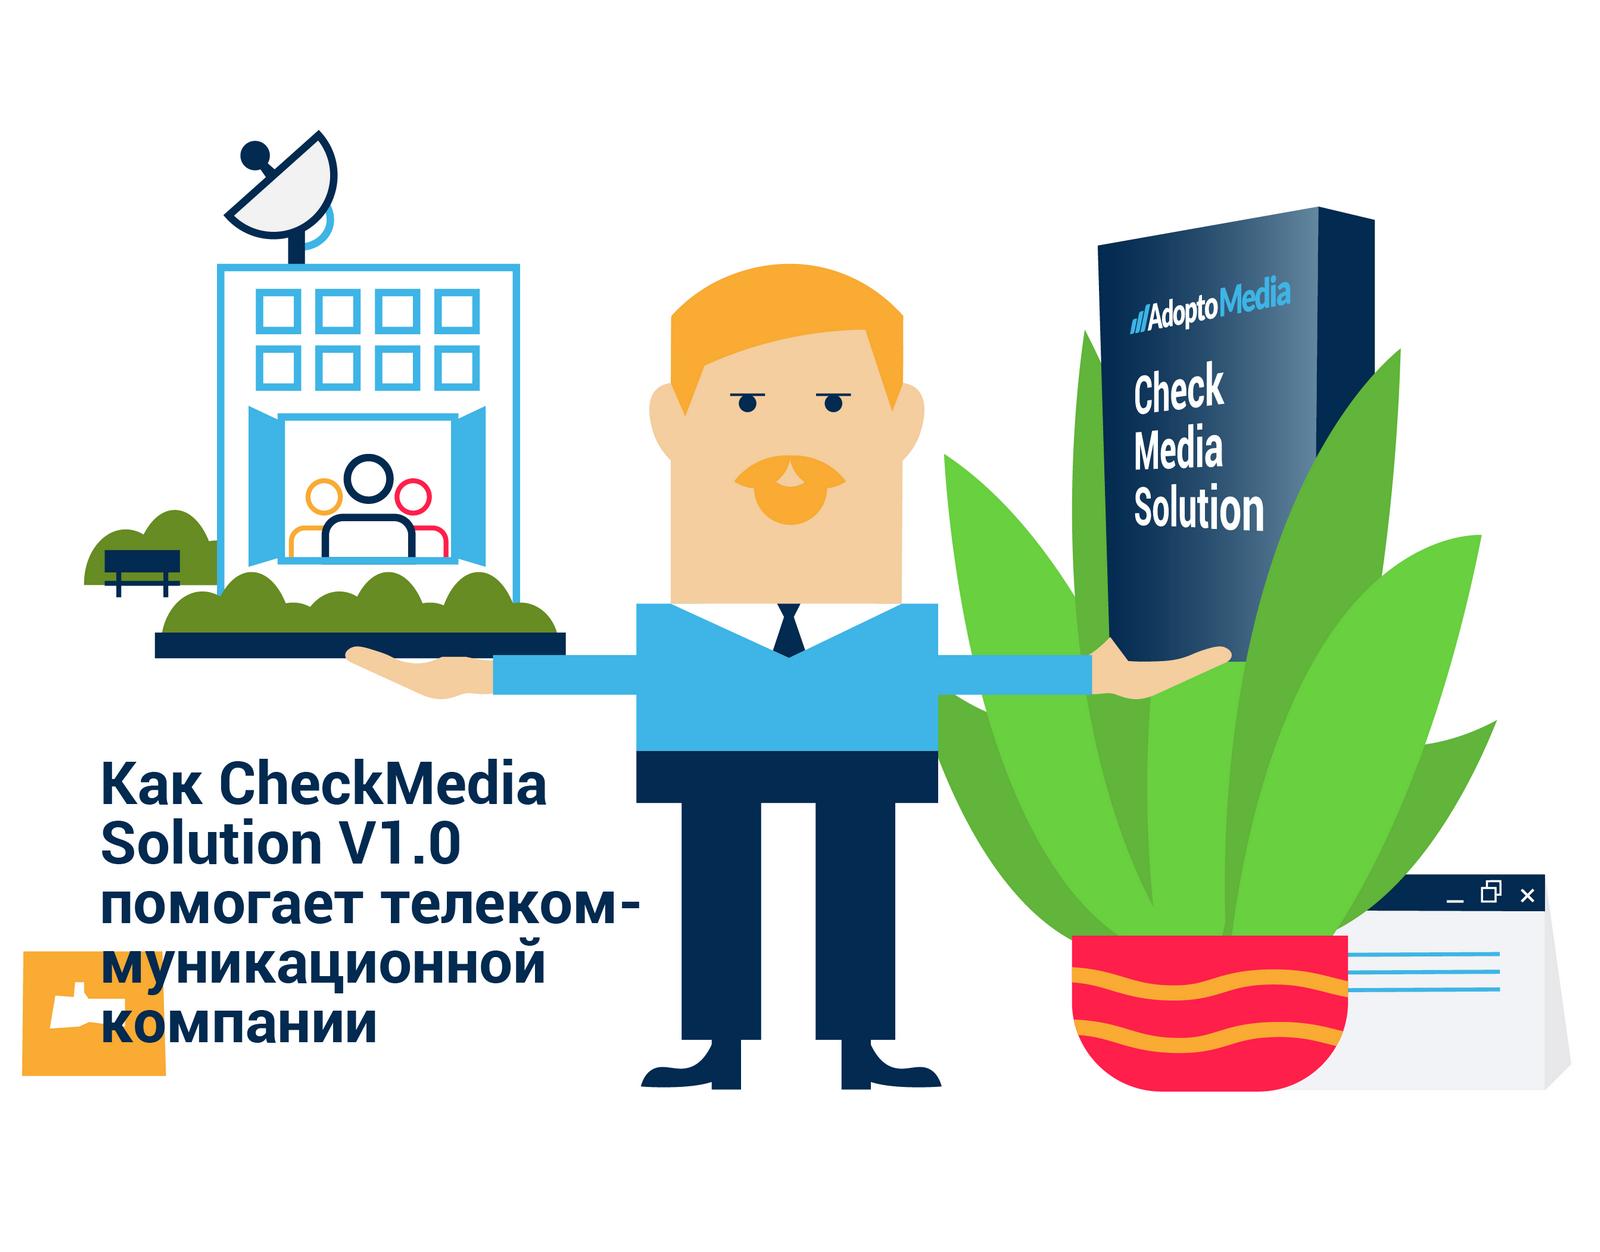 телекоммуникационная компания, AdoptoMedia, CheckMedia Solution, Медиа План Менеджер, управление маркетинговыми ресурсами, маркетинг, оптимизация рекламного бюджета